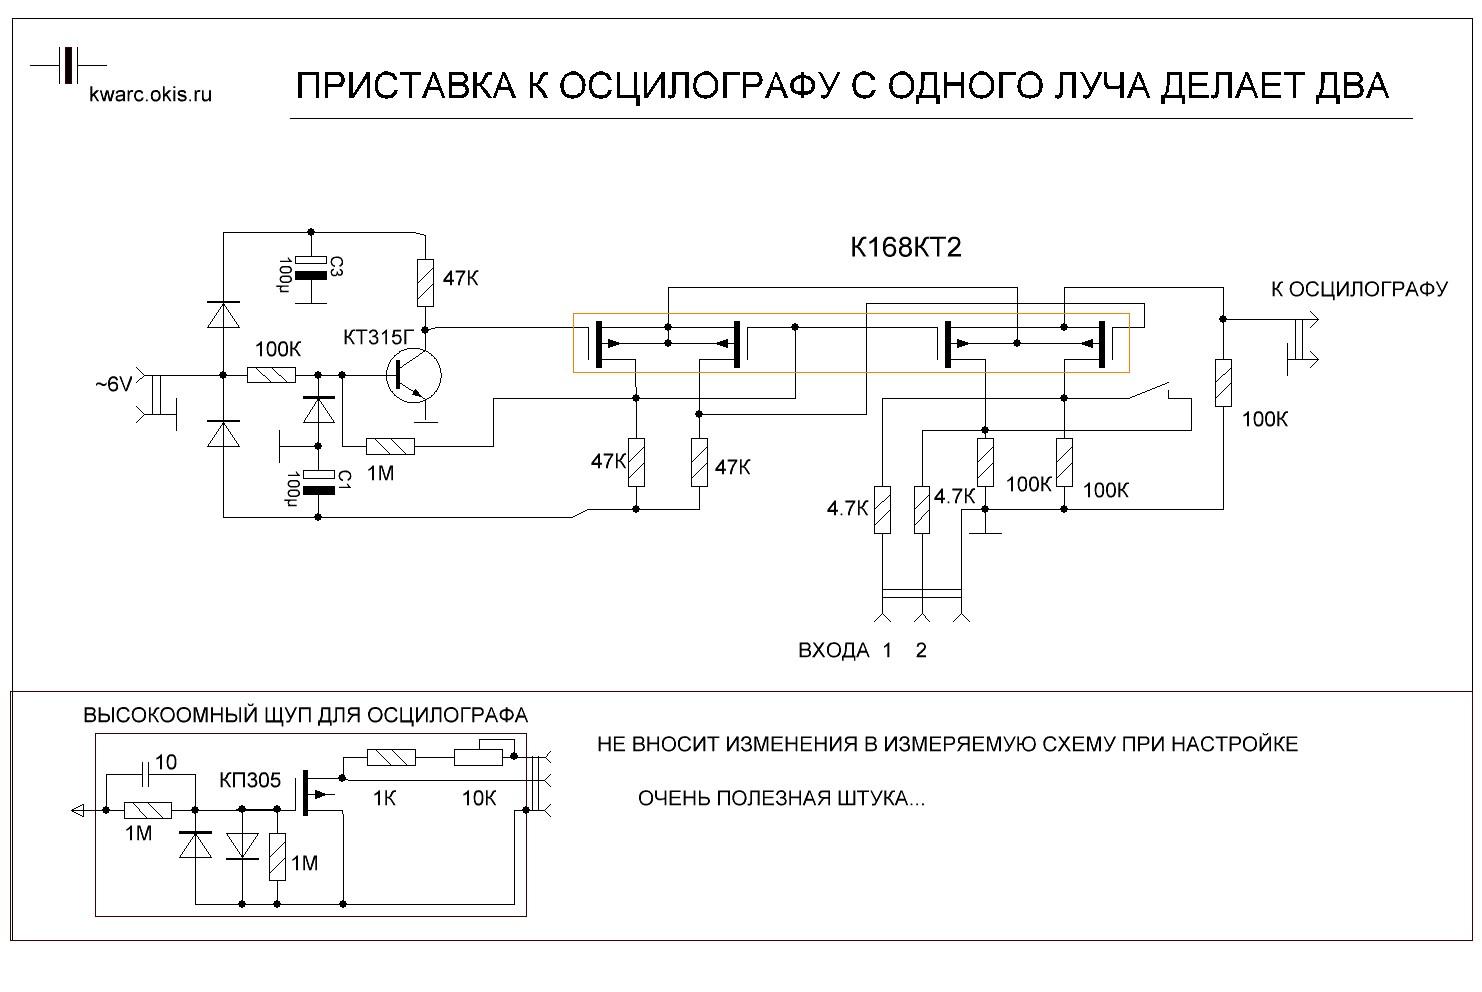 Дифференциальный щуп для осциллографа своими руками 90